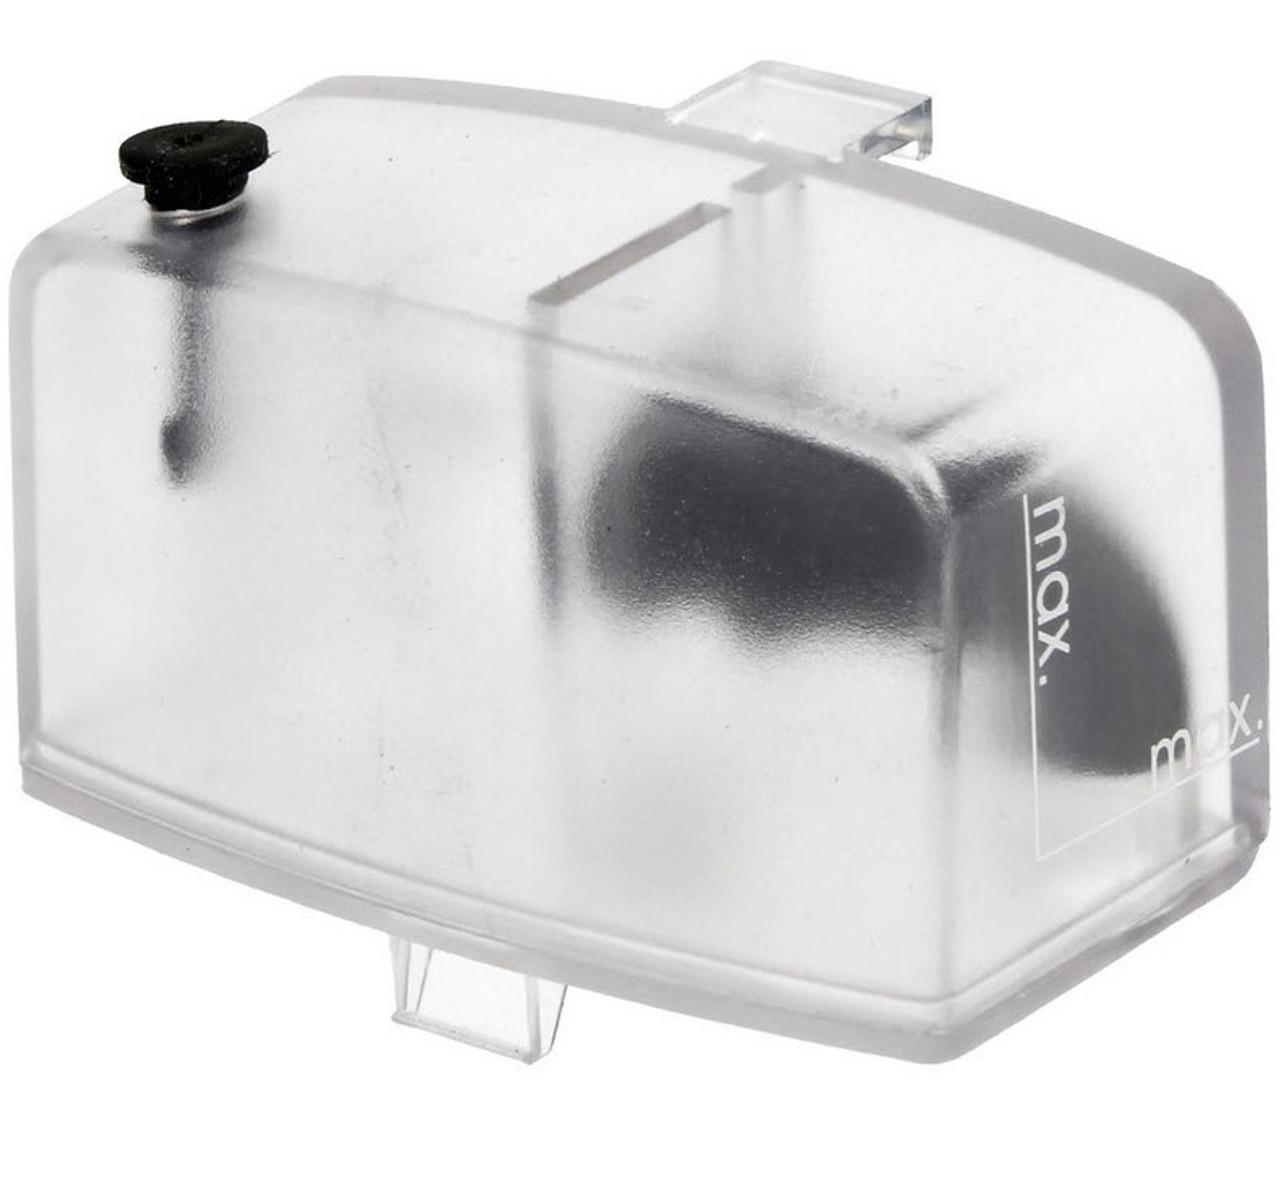 Condensate trap Testo 325, 0440.0322